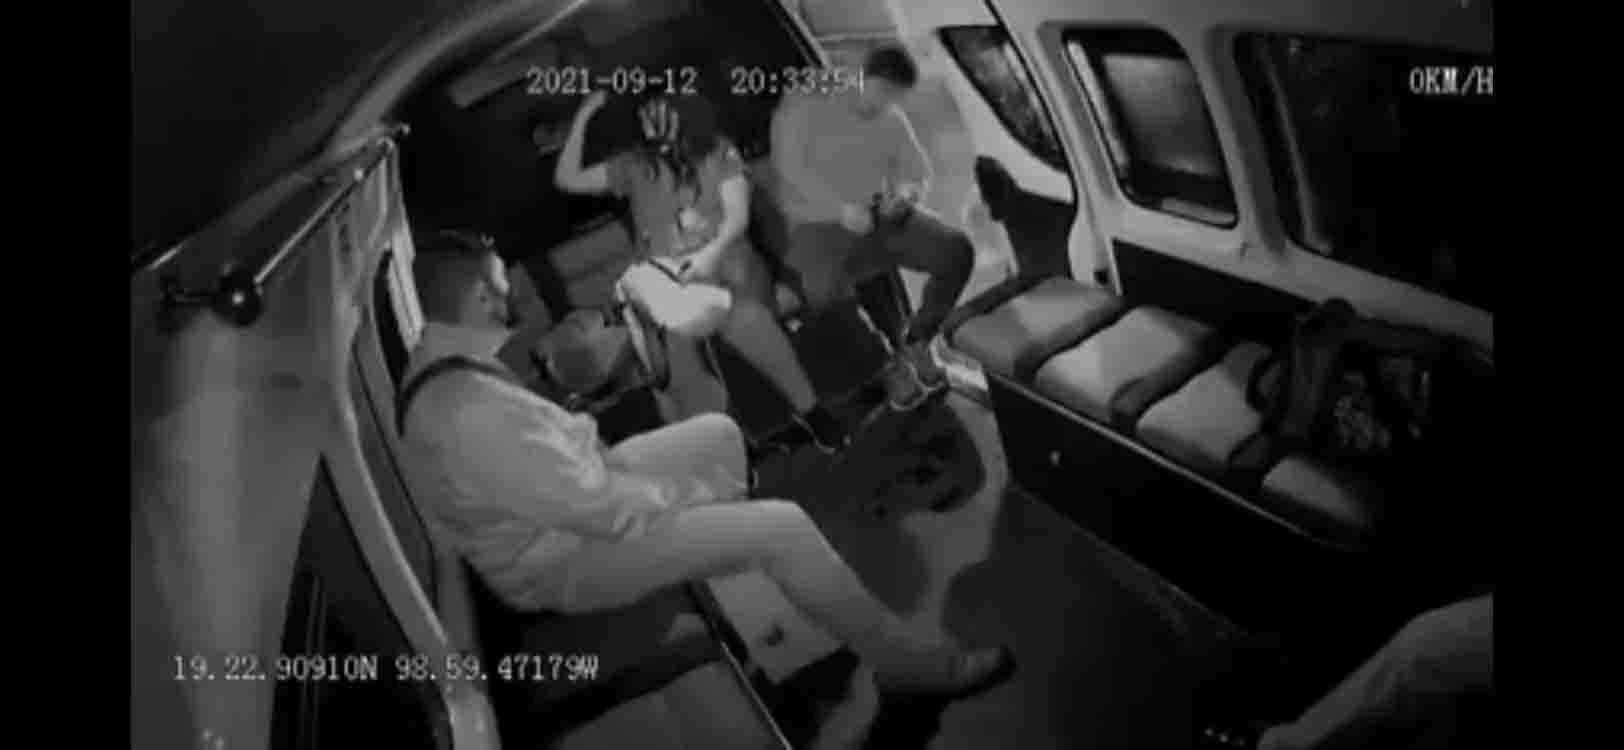 #Video Lo traiciono el sueño, pasajero cae de una combi al quedarse dormido